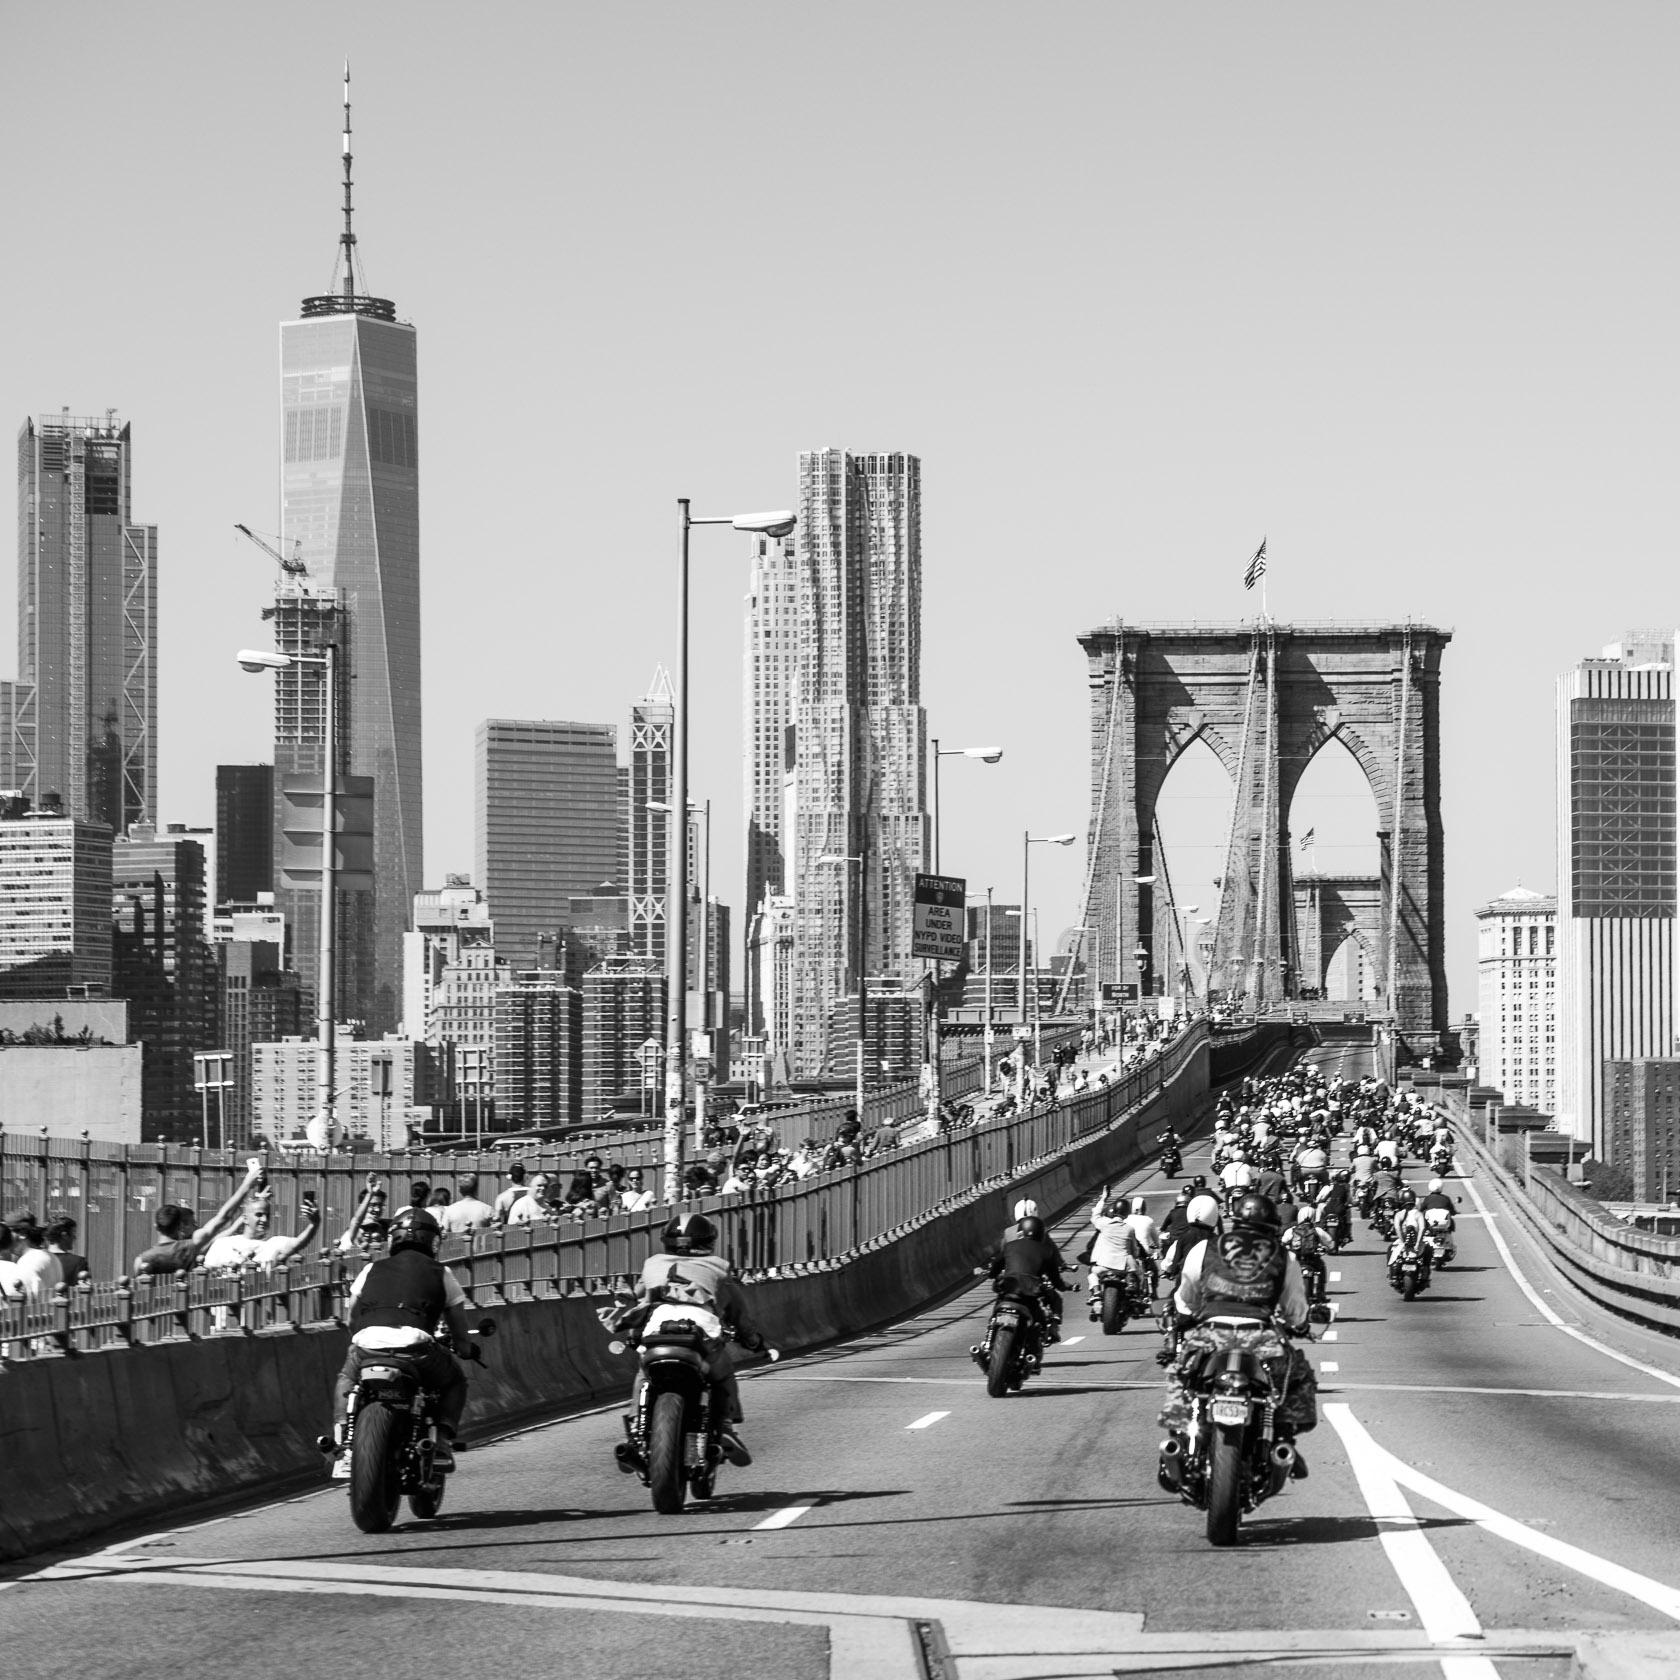 Bikers NYC 19